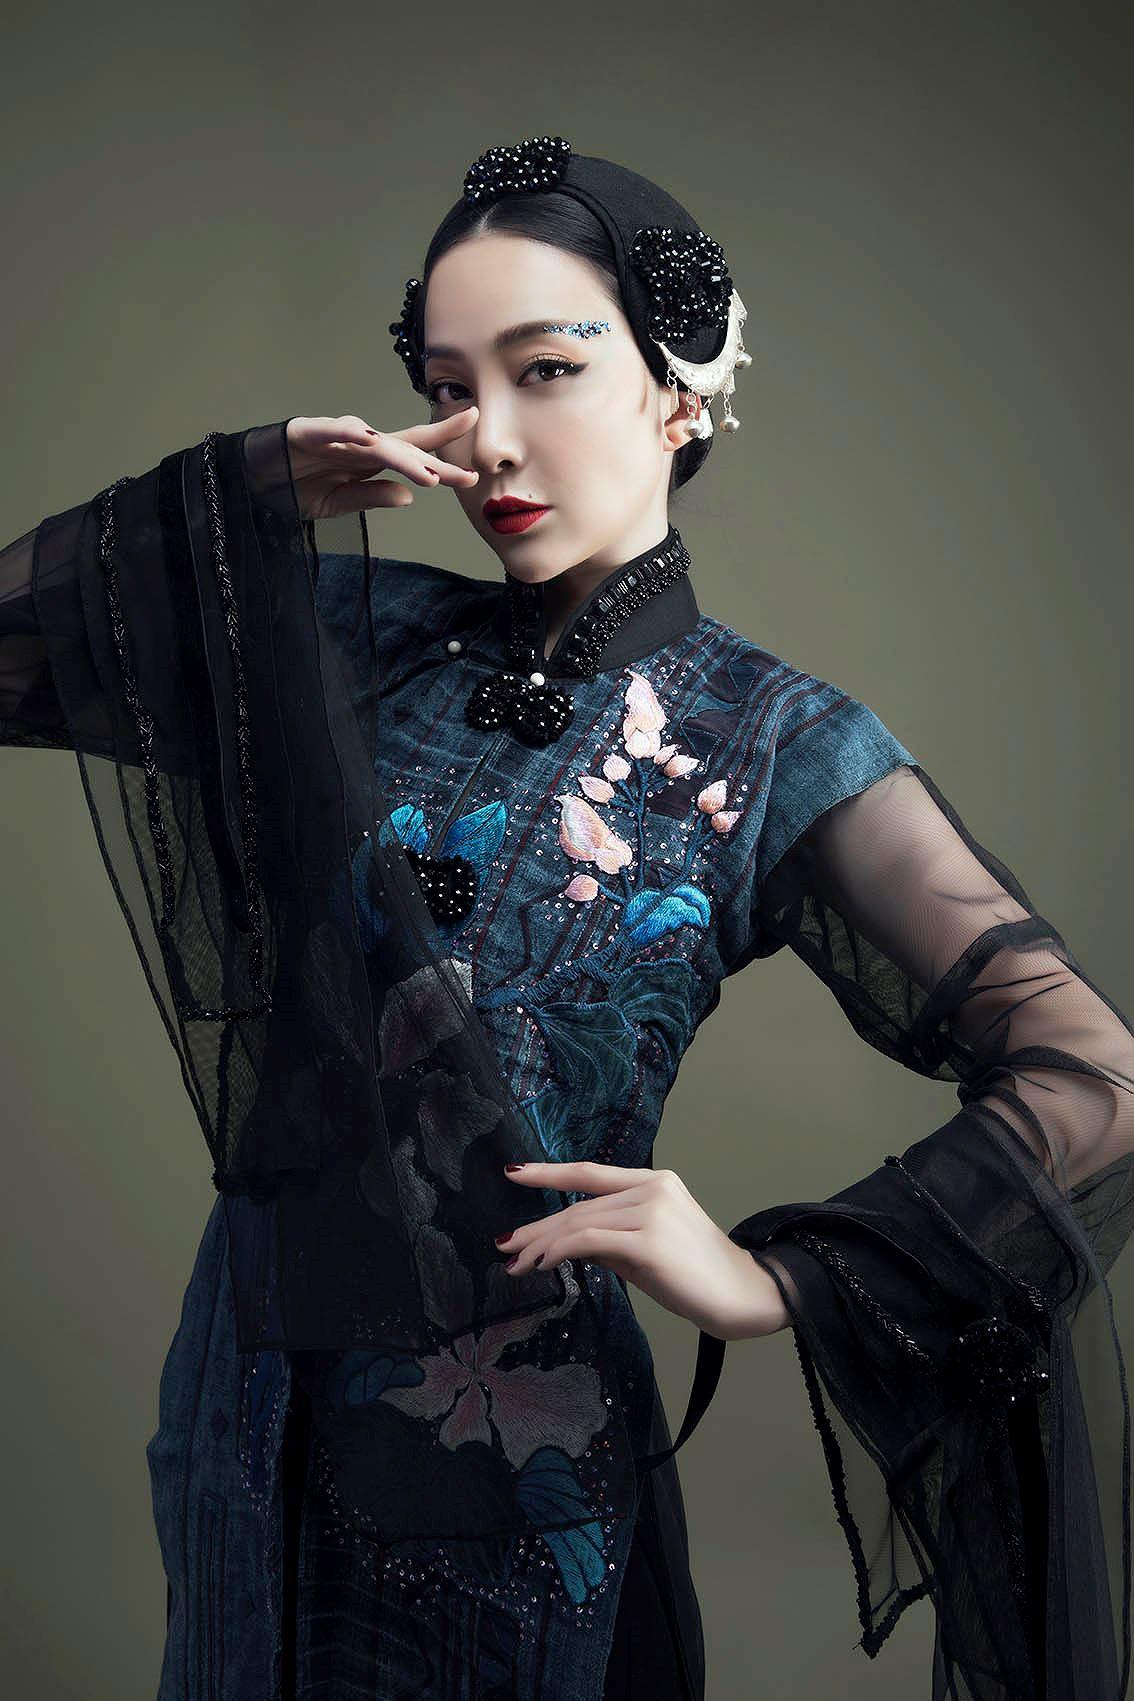 'Chim công làng múa' Linh Nga hóa nàng xuân Tây Bắc với áo dài hoa ban Ảnh 2